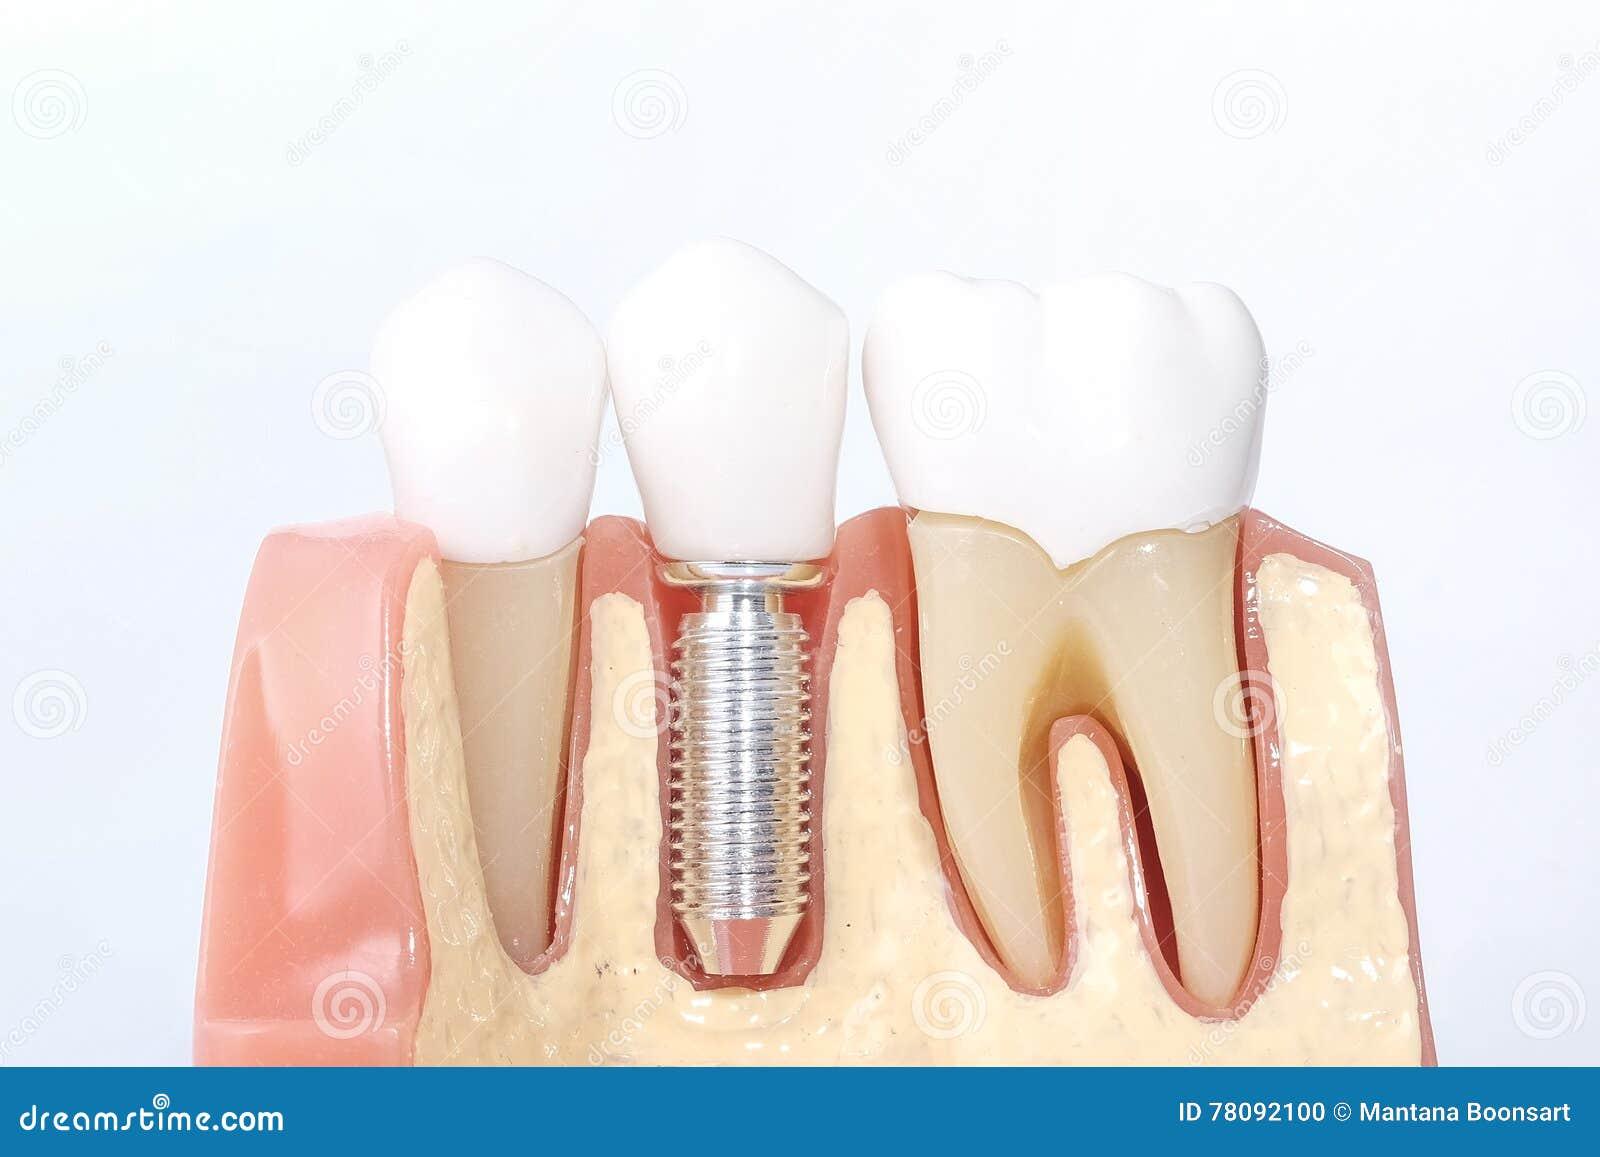 Modelo dental genérico dos dentes